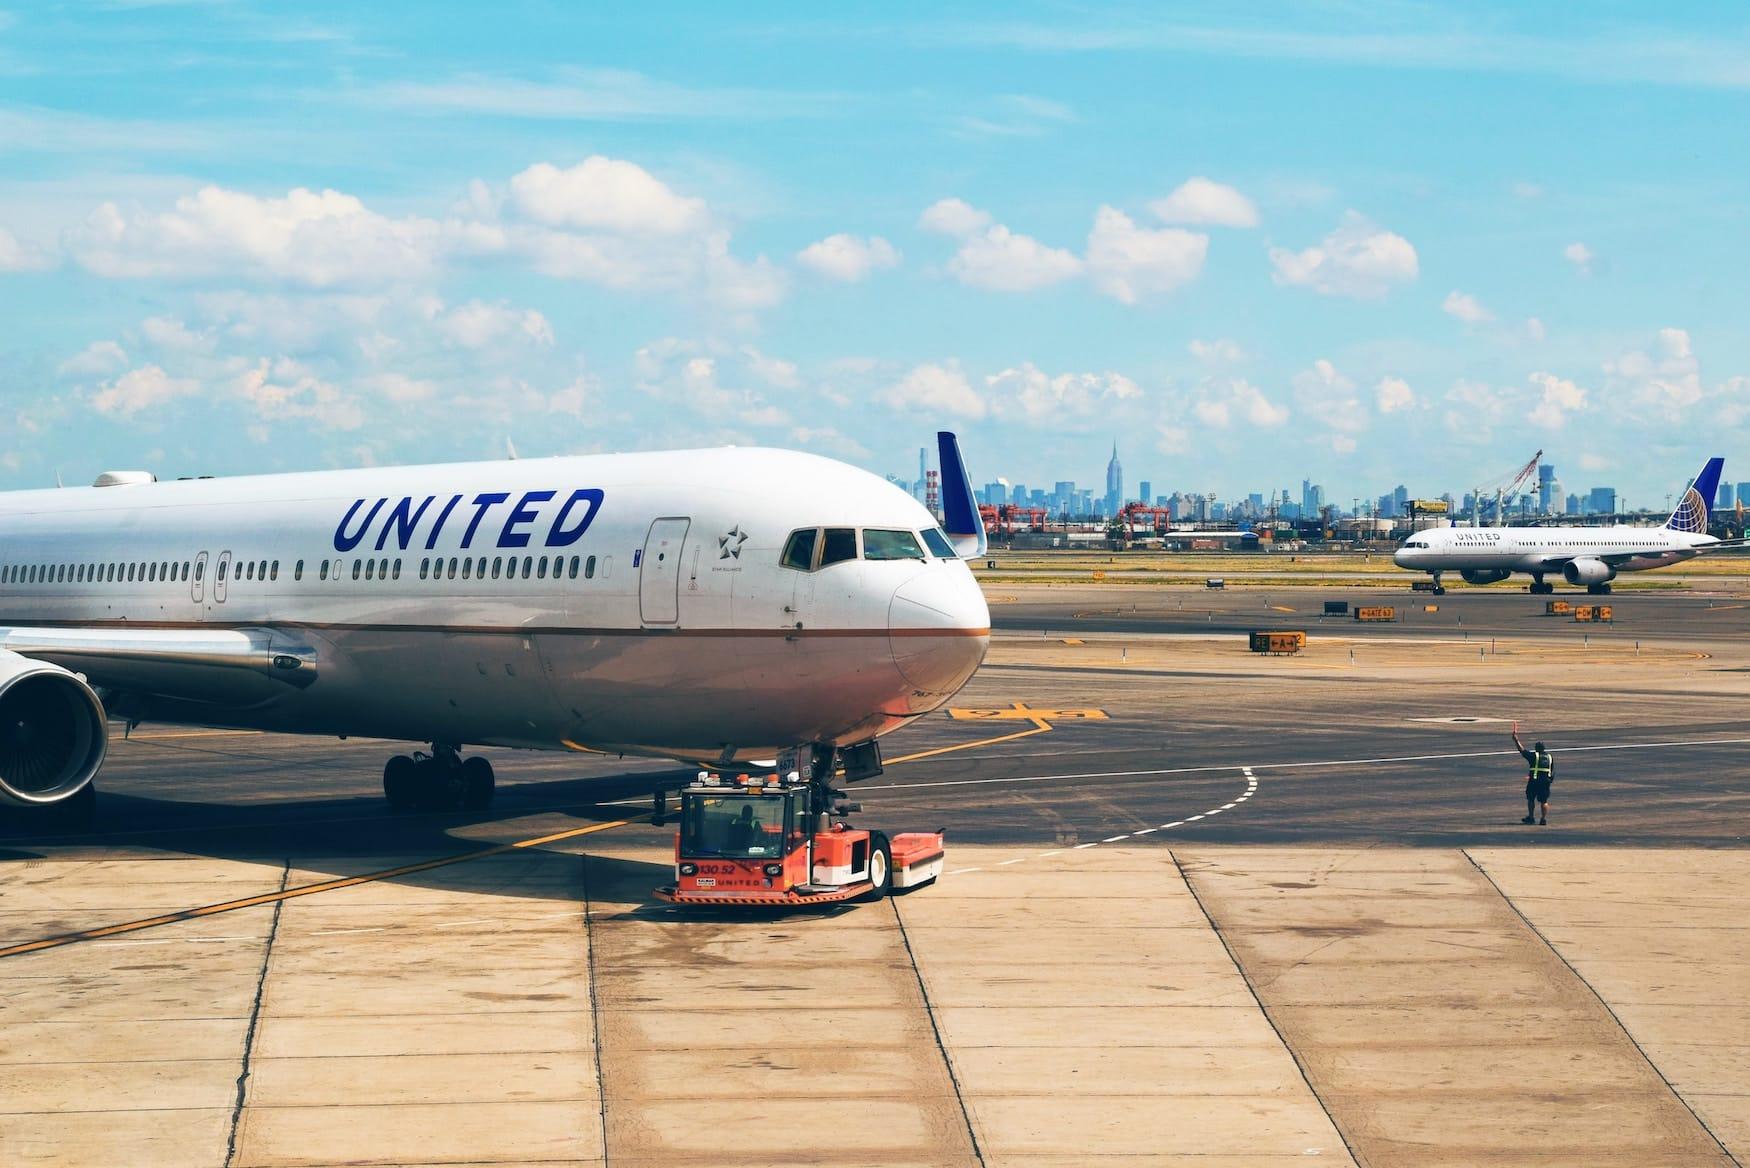 Flugzeug, Flughafen, Reise